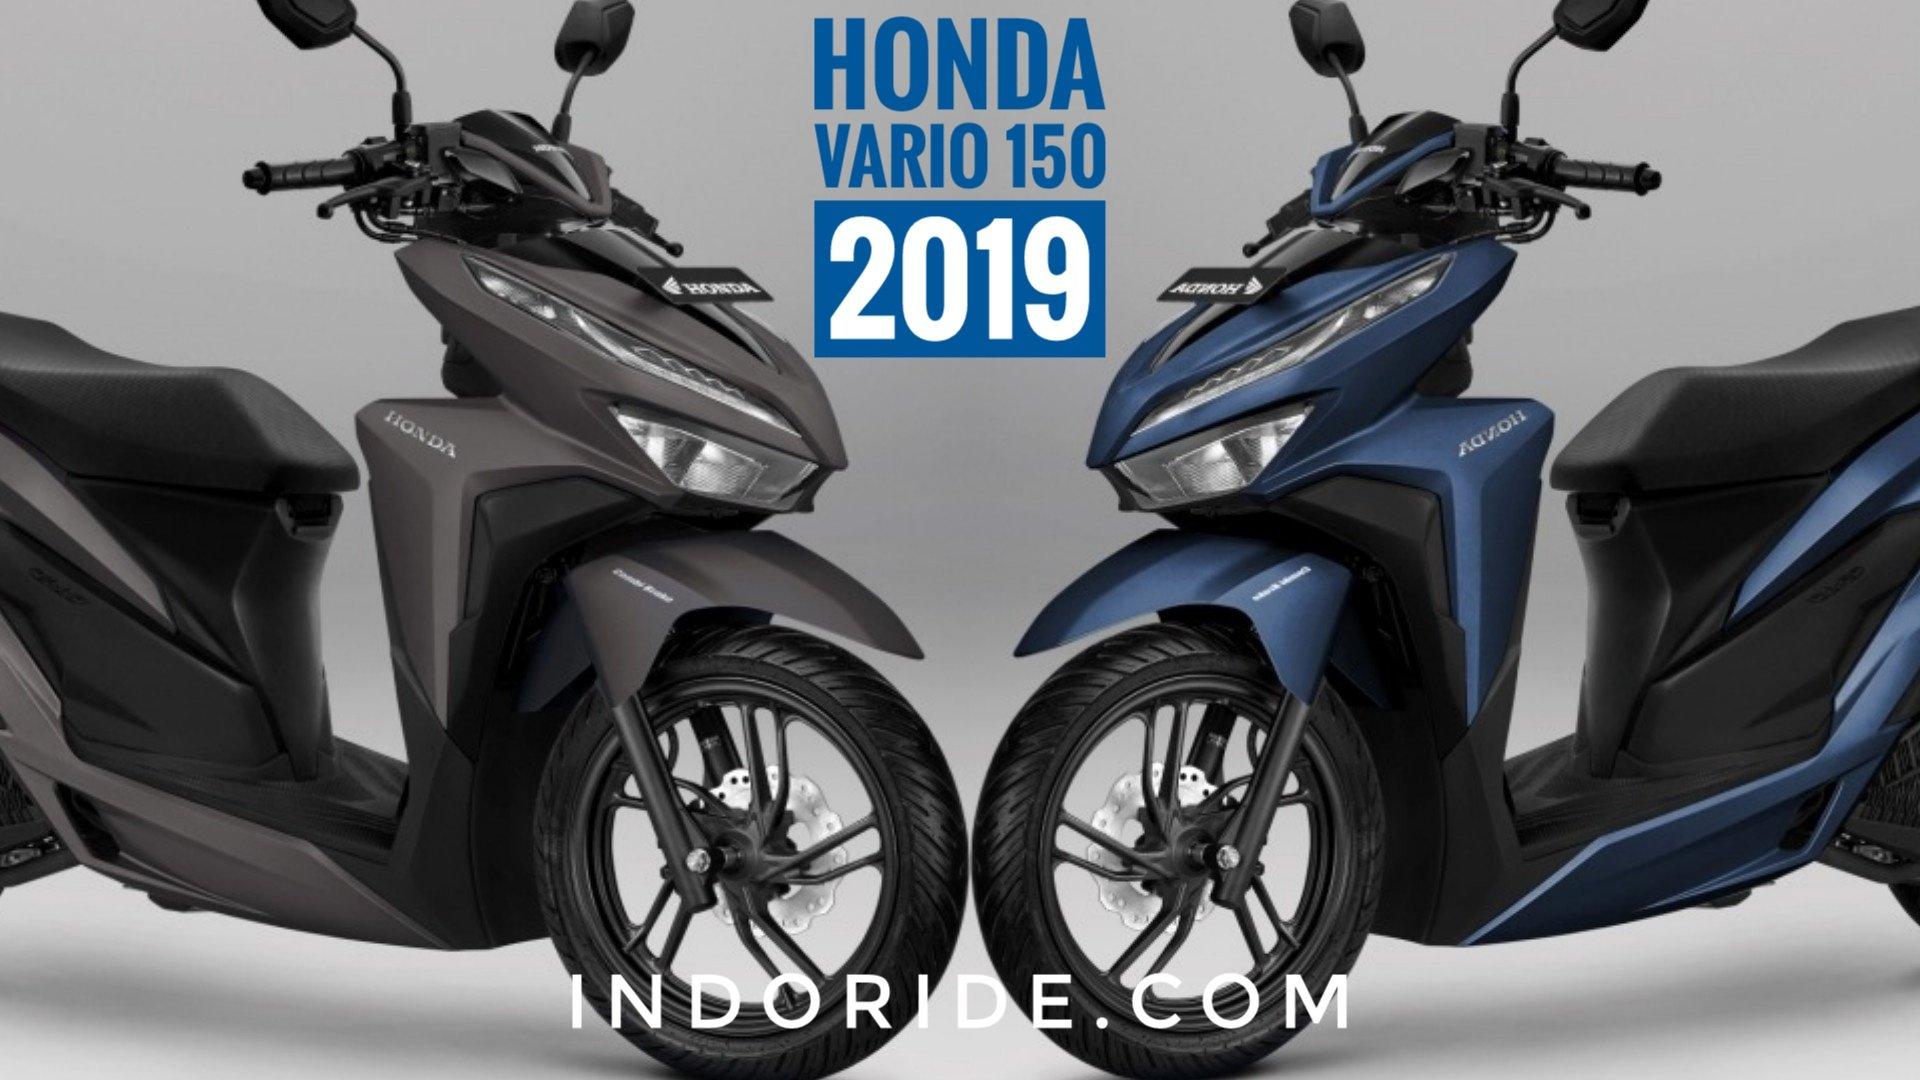 Pilihan Warna Baru Honda Vario 150 2019 Biru Doff Dan